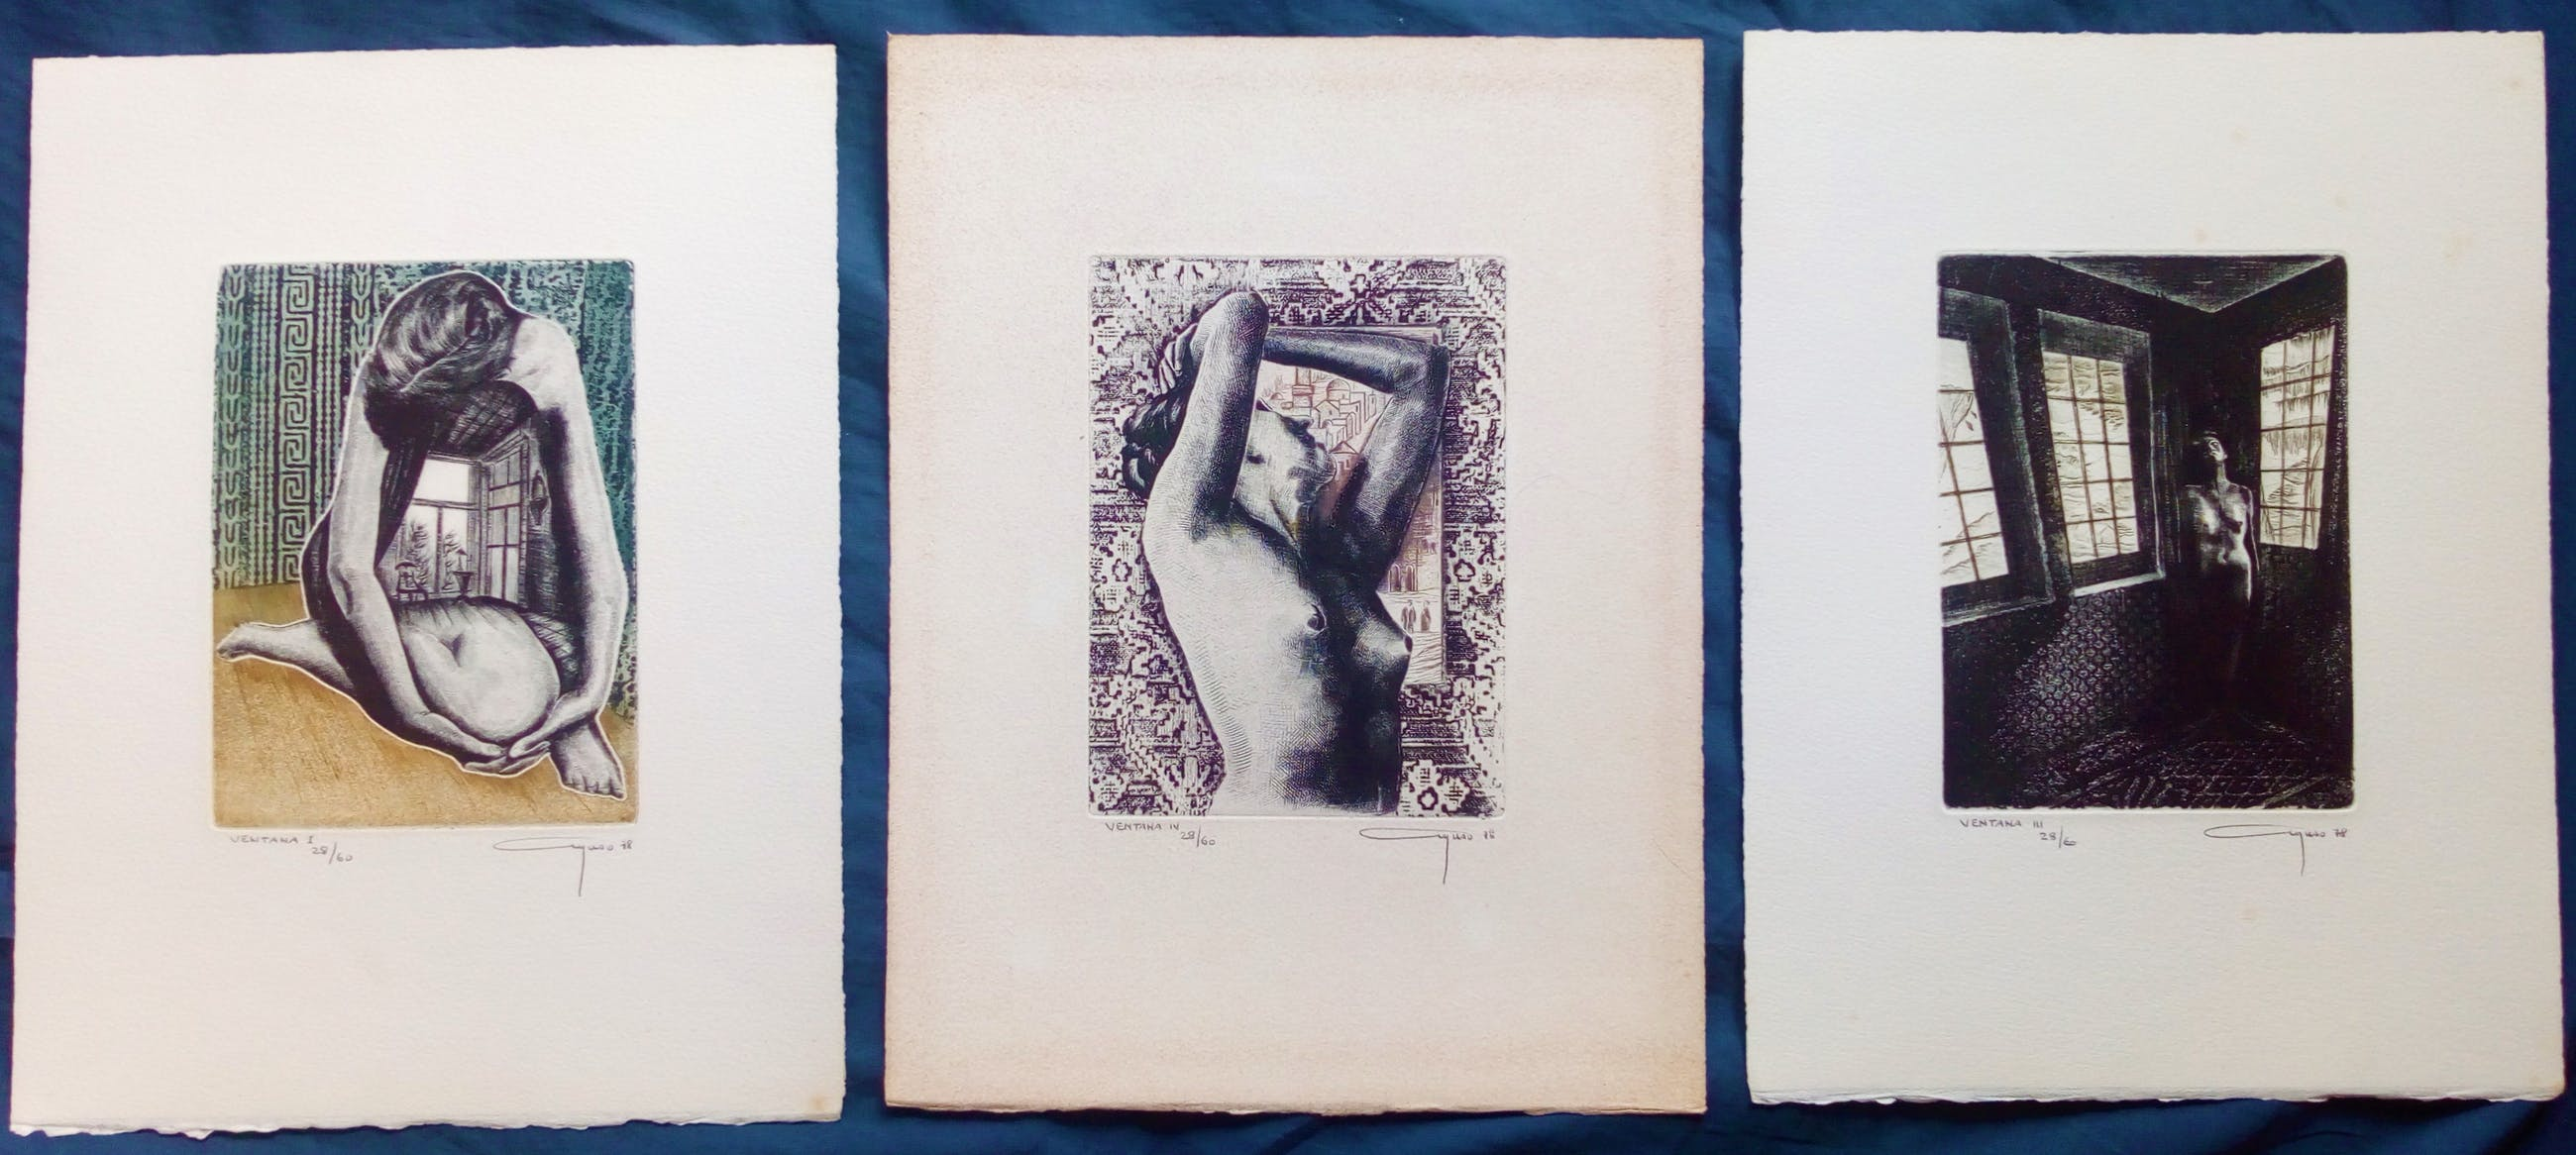 Alfonso Ayuso - 3 etsen - Ventana I,III,IV - Gesigneerd en genummerd - 1978 kopen? Bied vanaf 10!